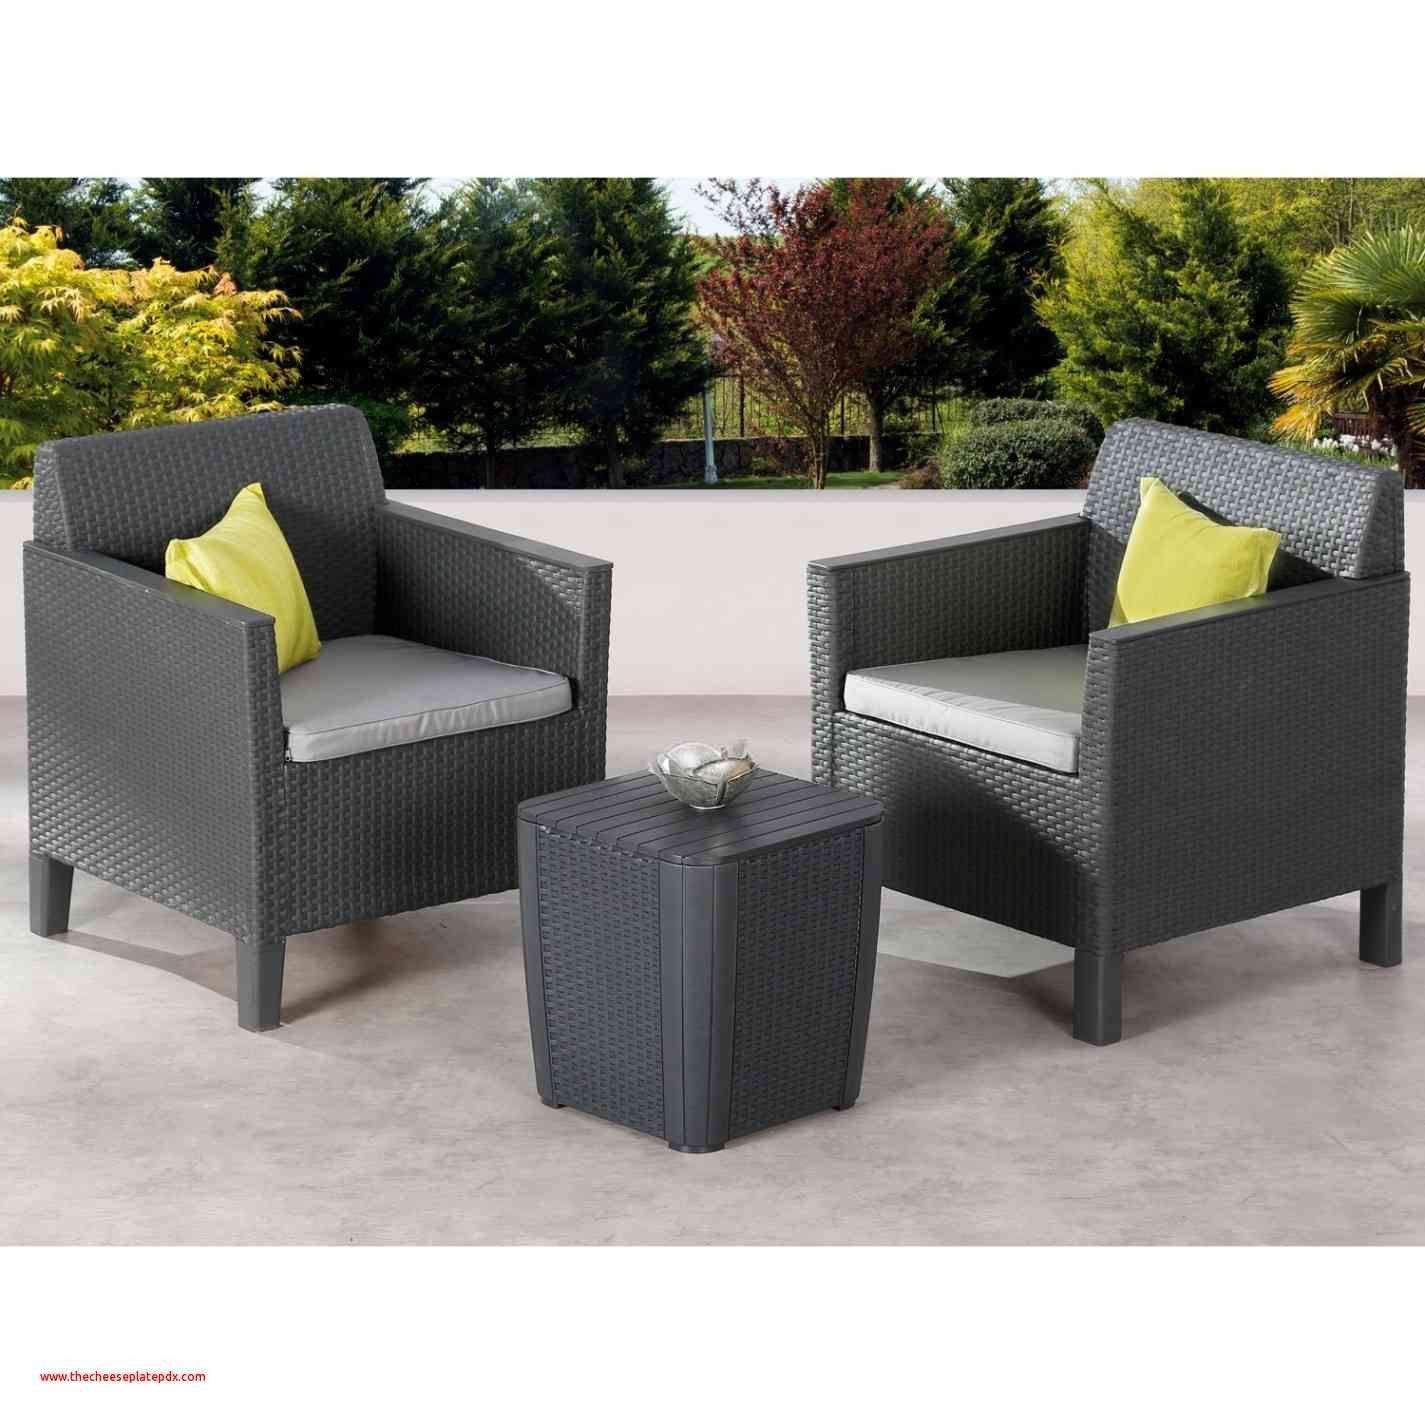 Kunststoffstühle Garten Schön 12 Balkon Tisch Und Zwei Stühle Genial